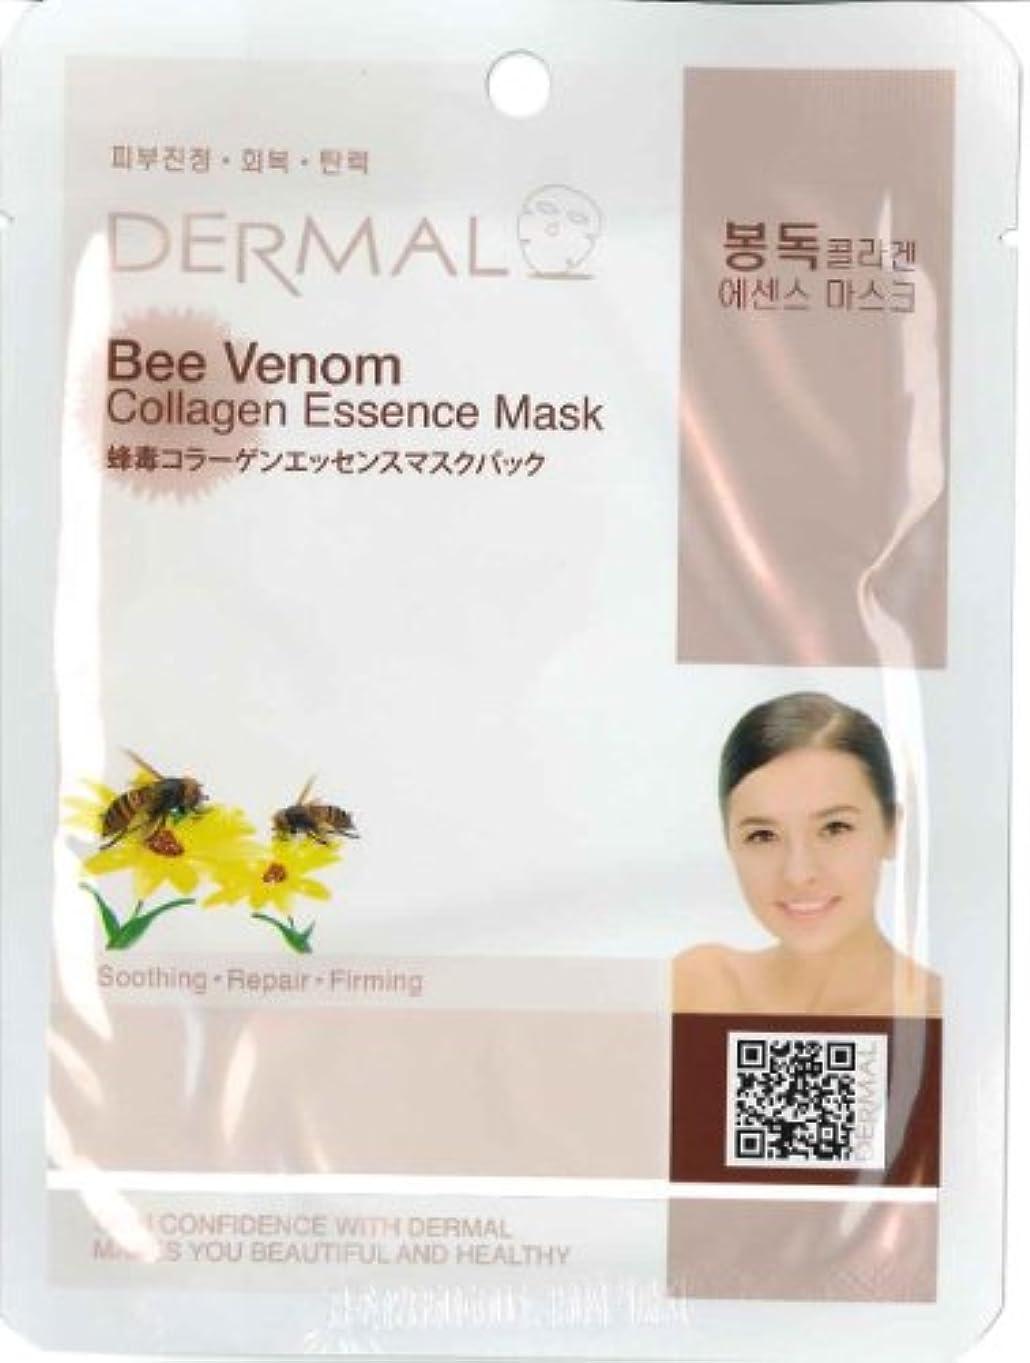 一次グループ符号蜂毒パック(フェイスパック)ミツバチ毒シートマスク 100枚セット ダーマル(Dermal)